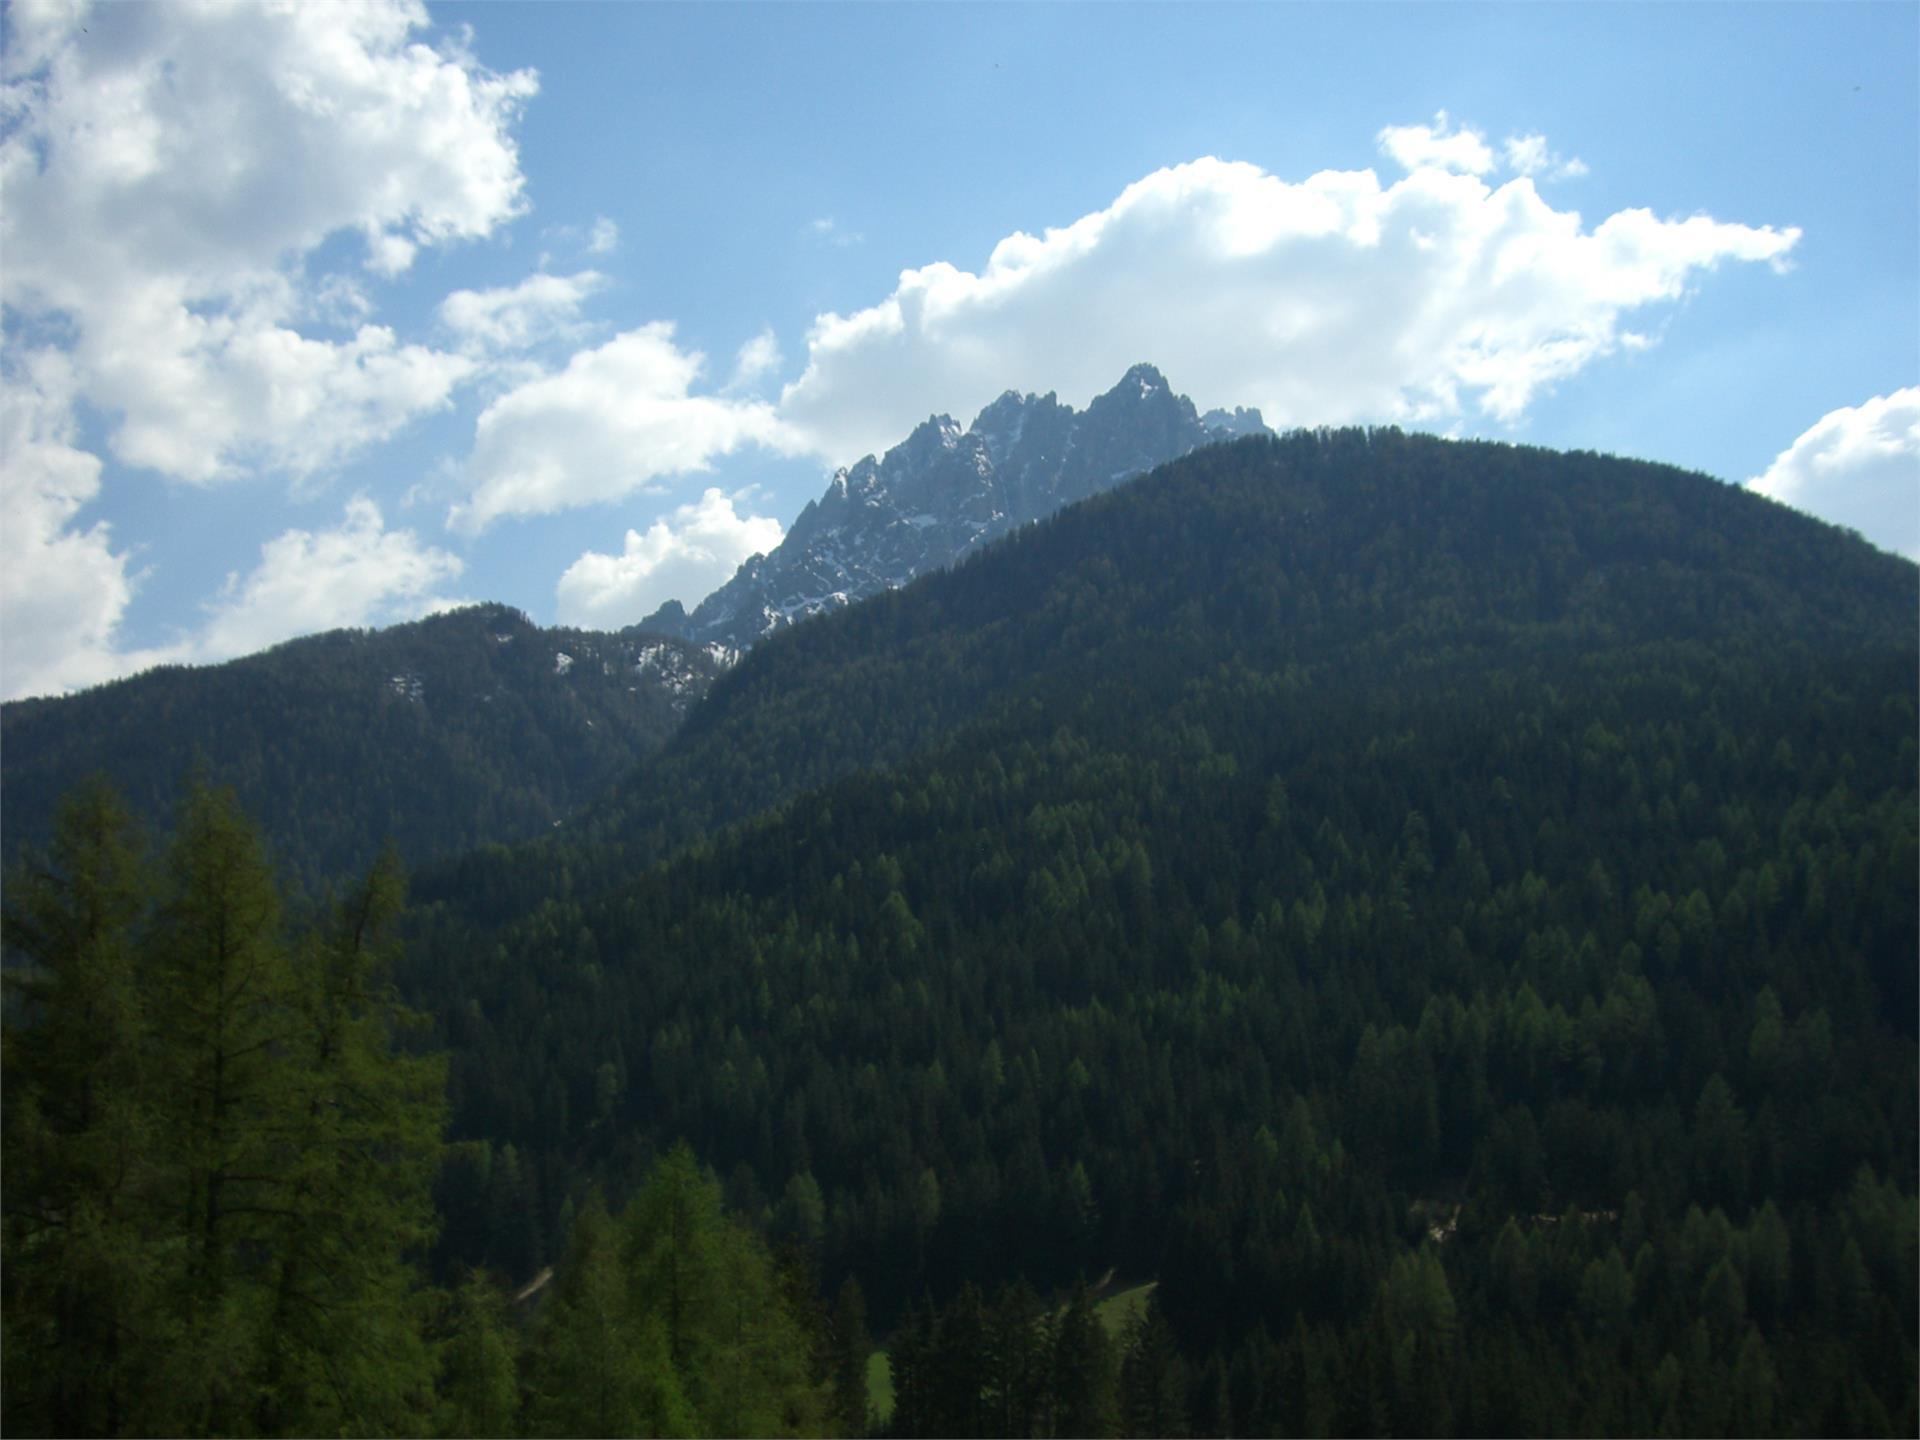 Summer hiking tour: Dobbiaco Nuova/Neutoblach - Elsler Kaser - San Candido/Innichen